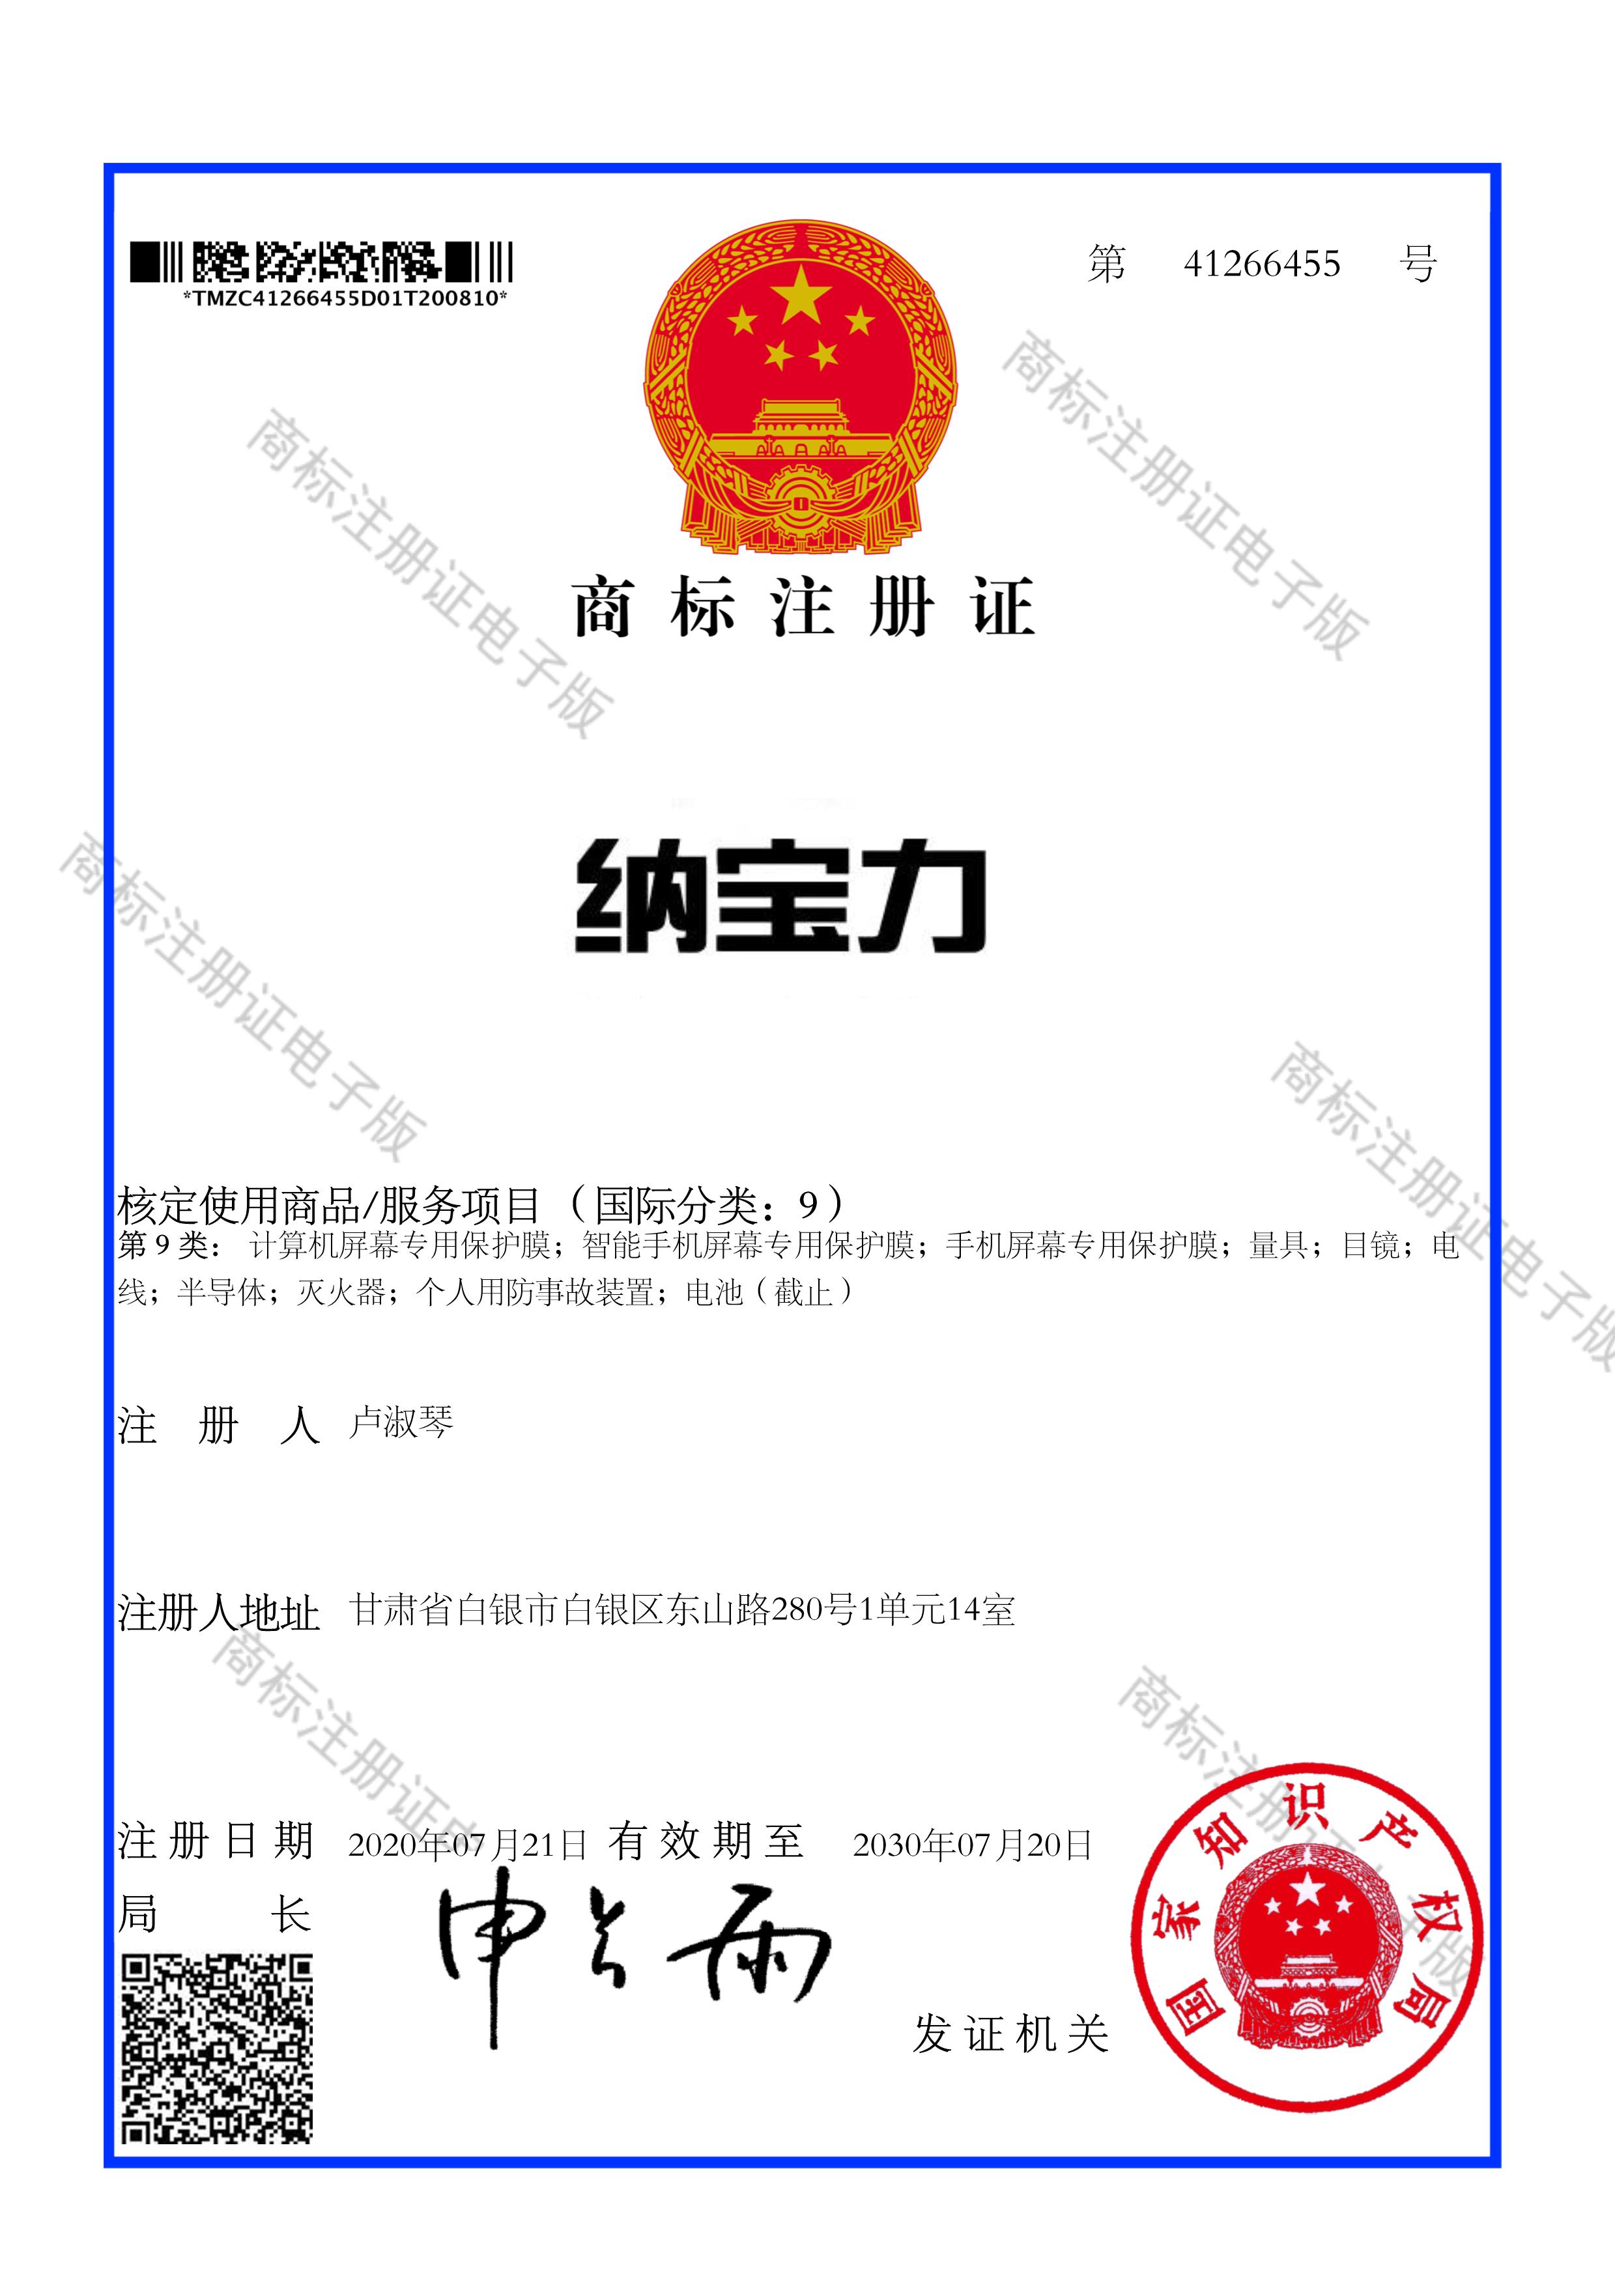 纳宝力手机镀膜注册商标